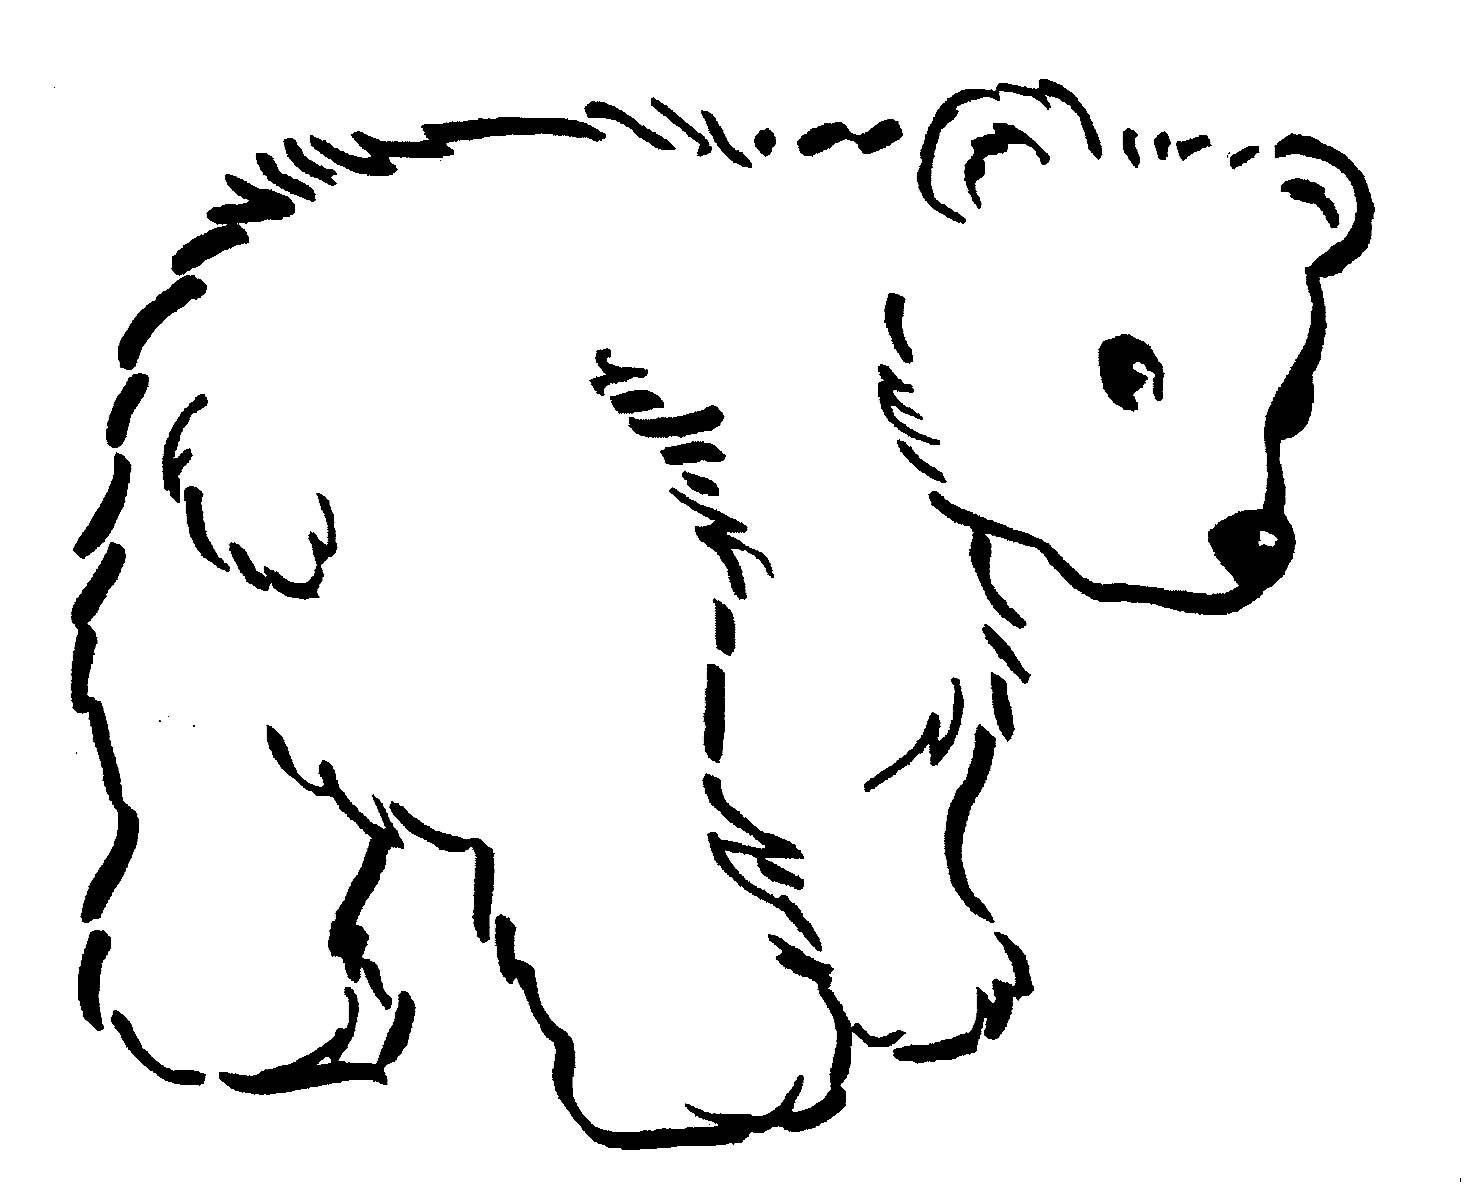 Galeria De Desenhos De Ursos  Desenhos De Ursos Para Pintar